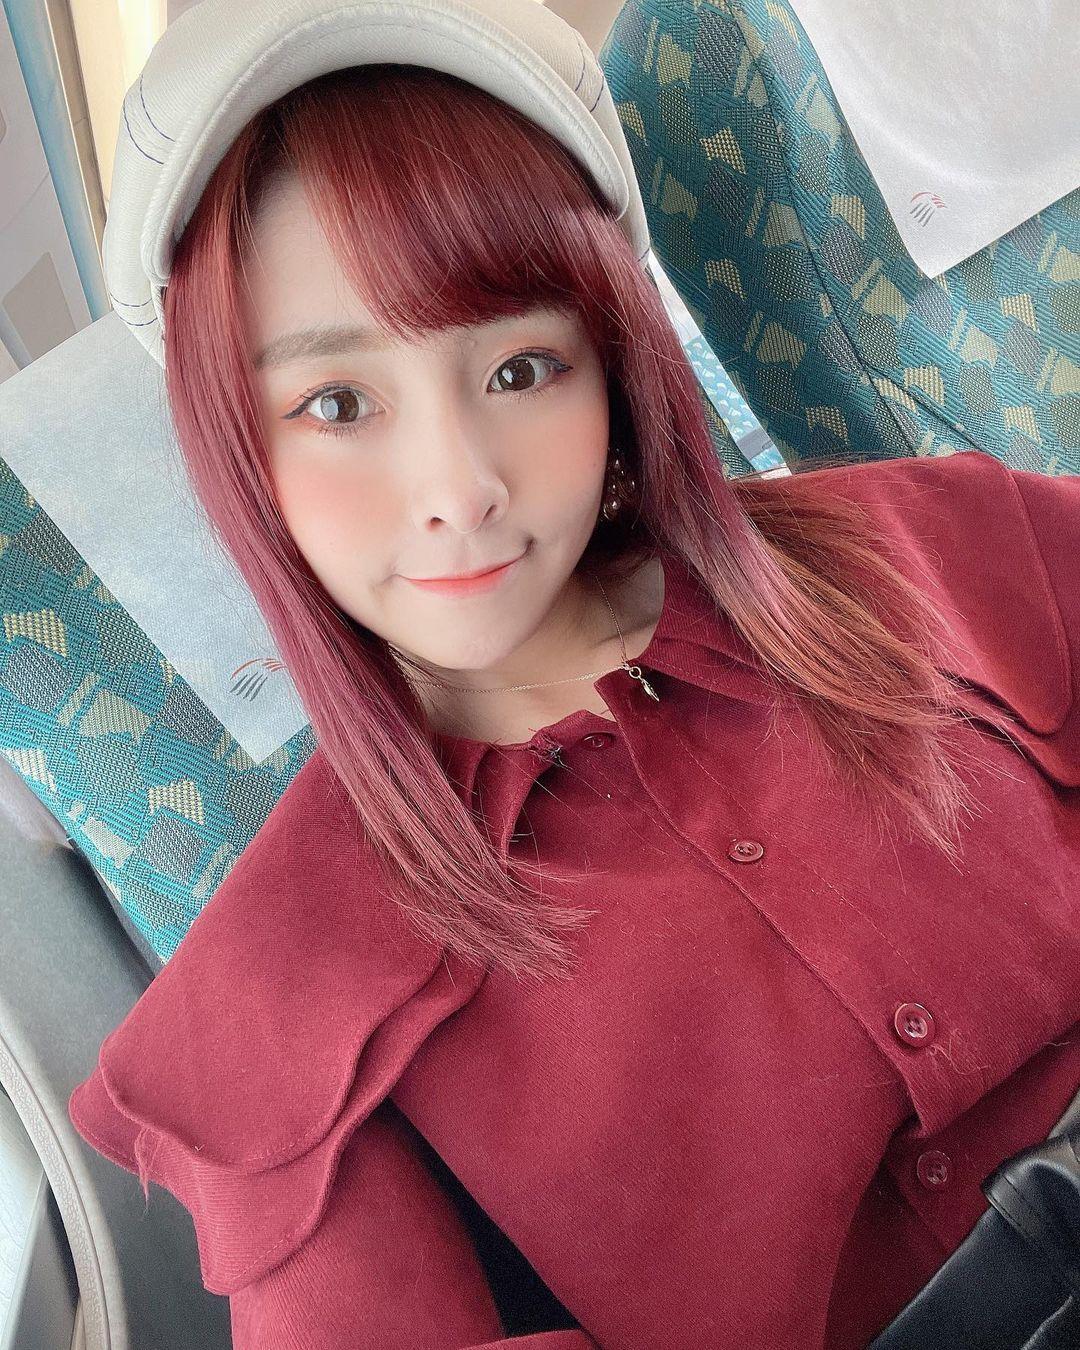 張語芯yuxin  「水靈大眼」可愛破表 - 美女圖 -